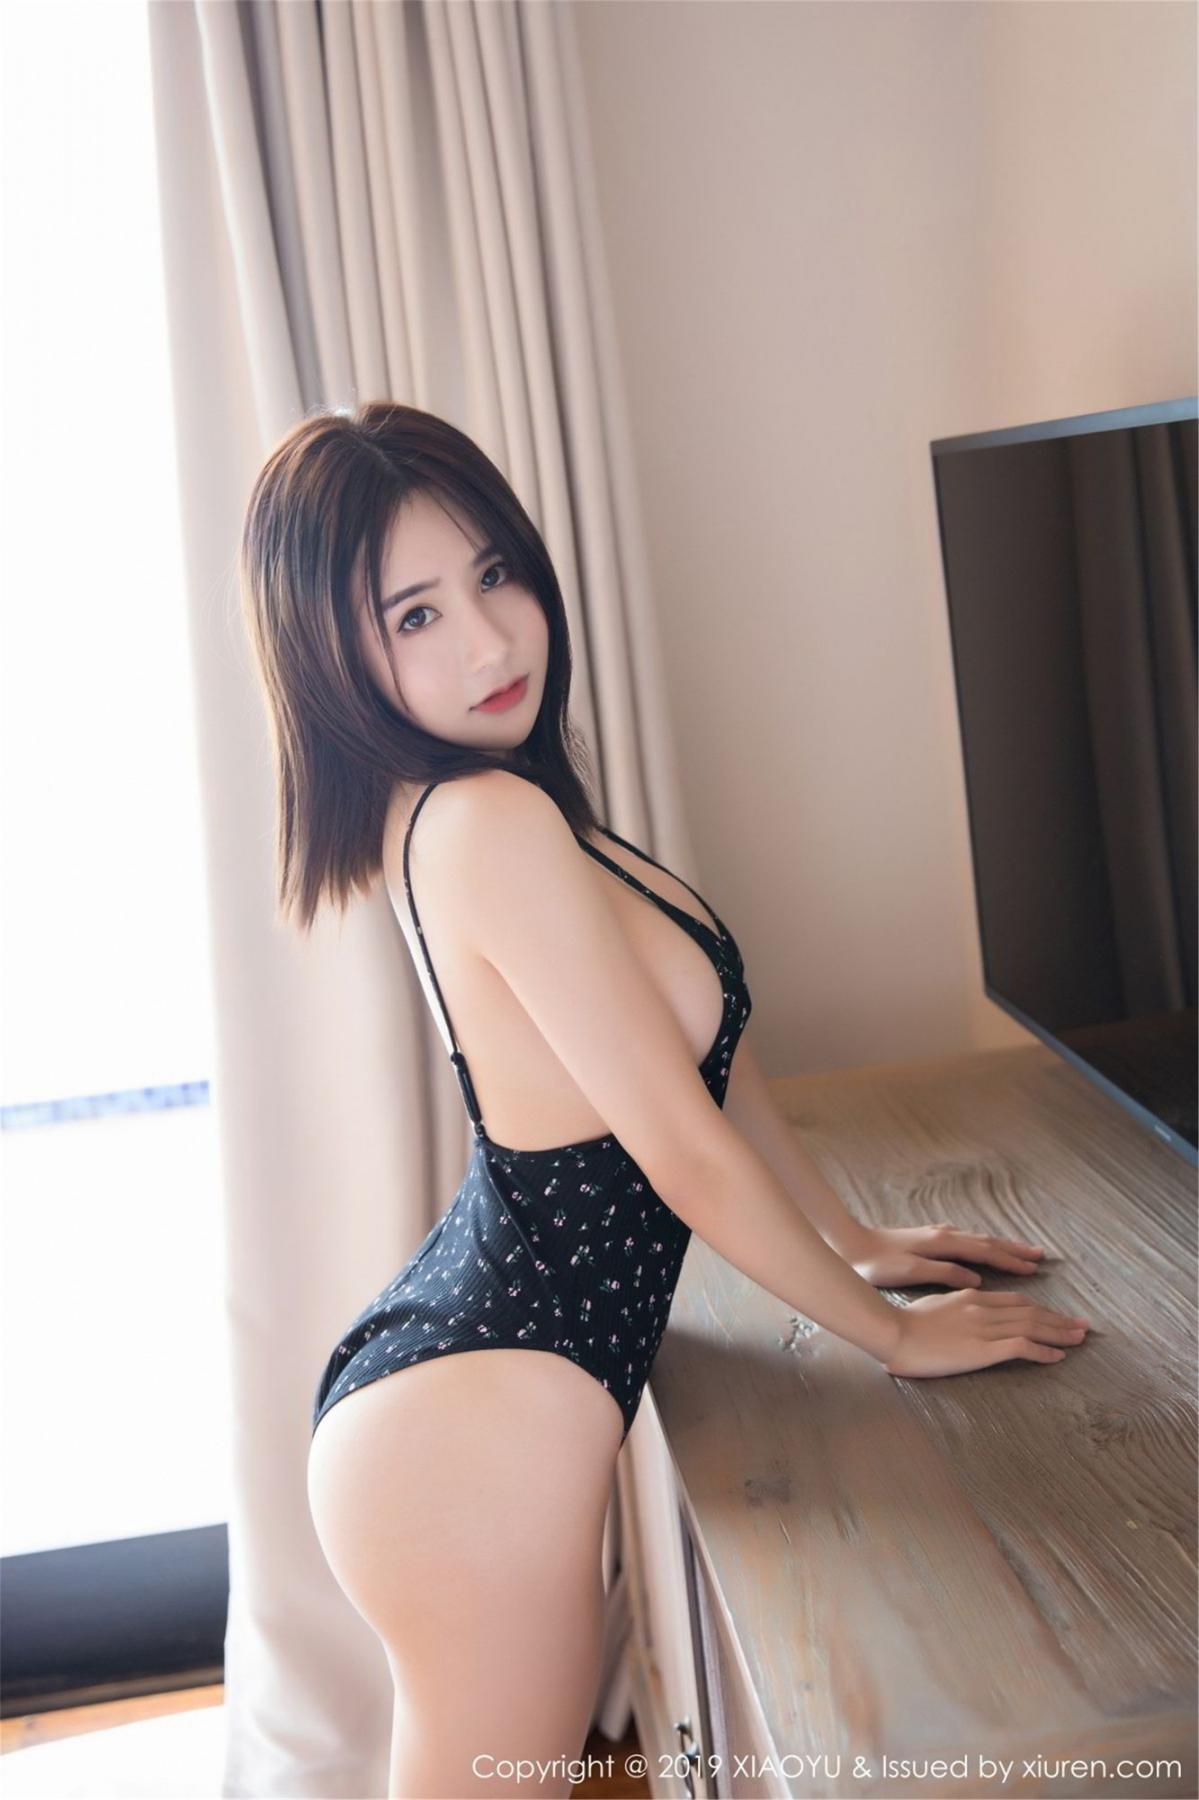 [XiaoYu] Vol.069 Xiao Mo Lin 39P, Lin Lin Ailin, Sexy, XiaoYu